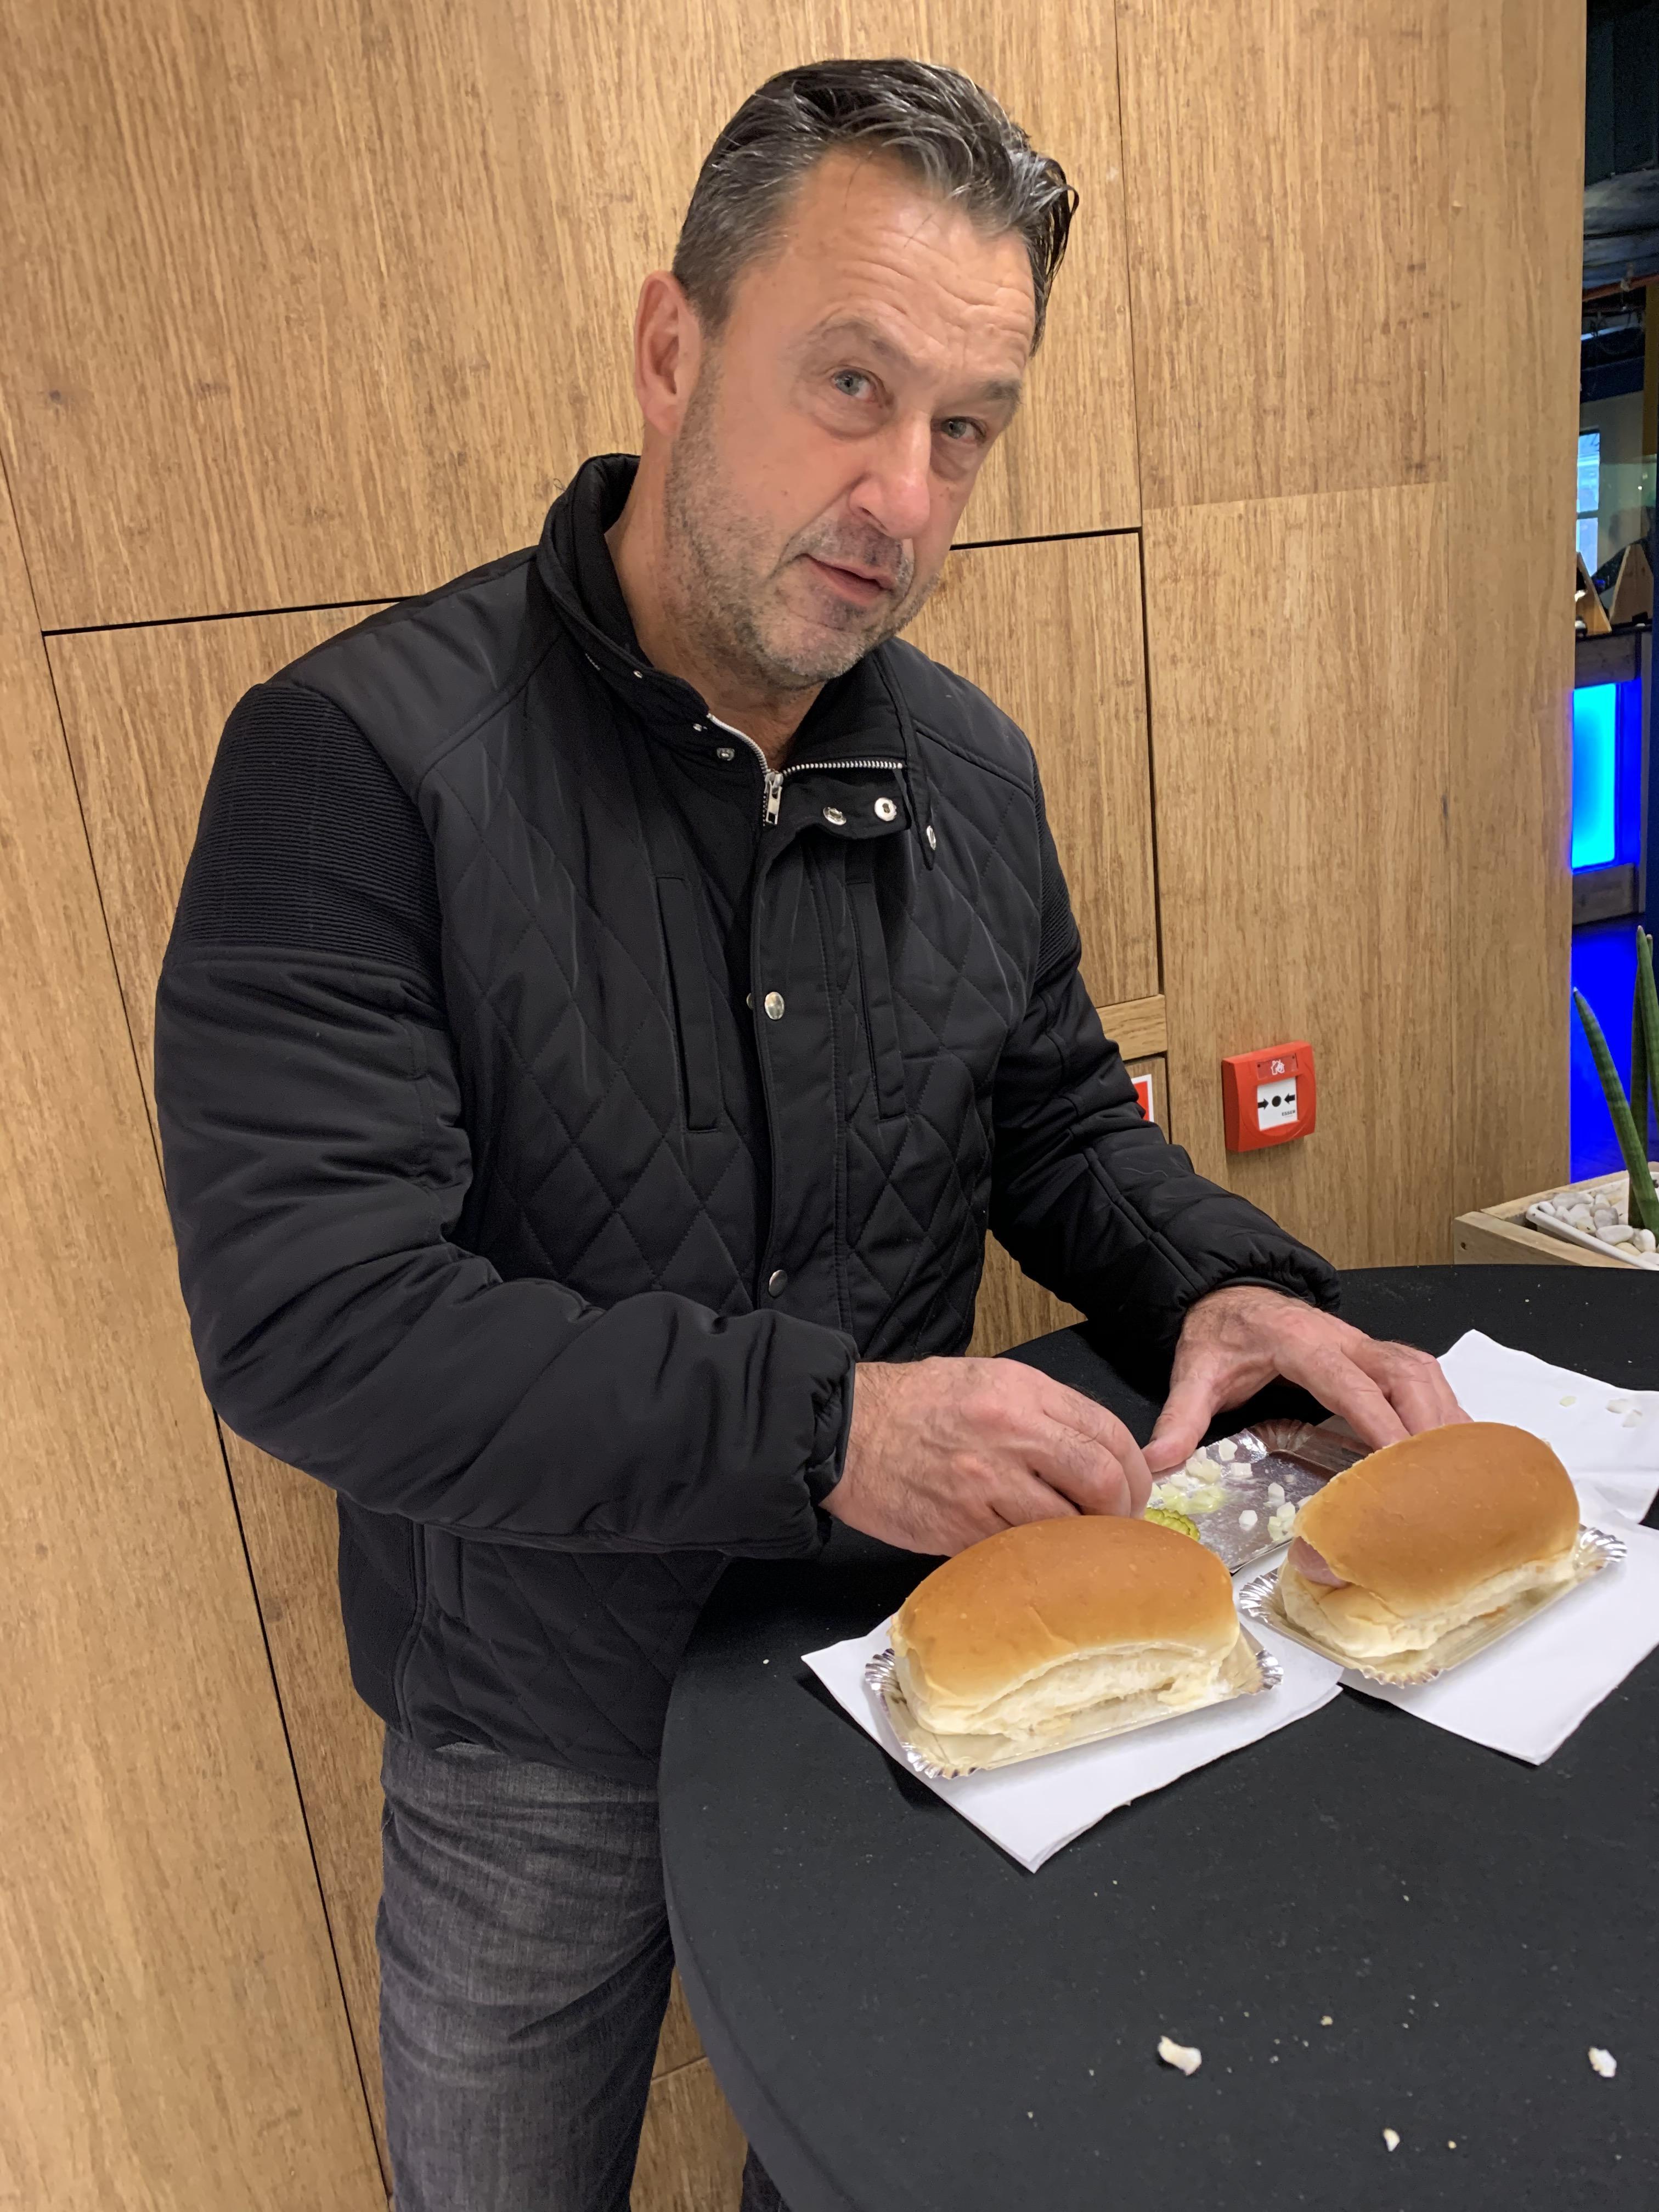 Hoe eet je haring met een mondkapje op? Purmerender Edwin - 'ik houd me aan de regels'- ziet de horeca langzaam kapotgaan (Column Onderweg).